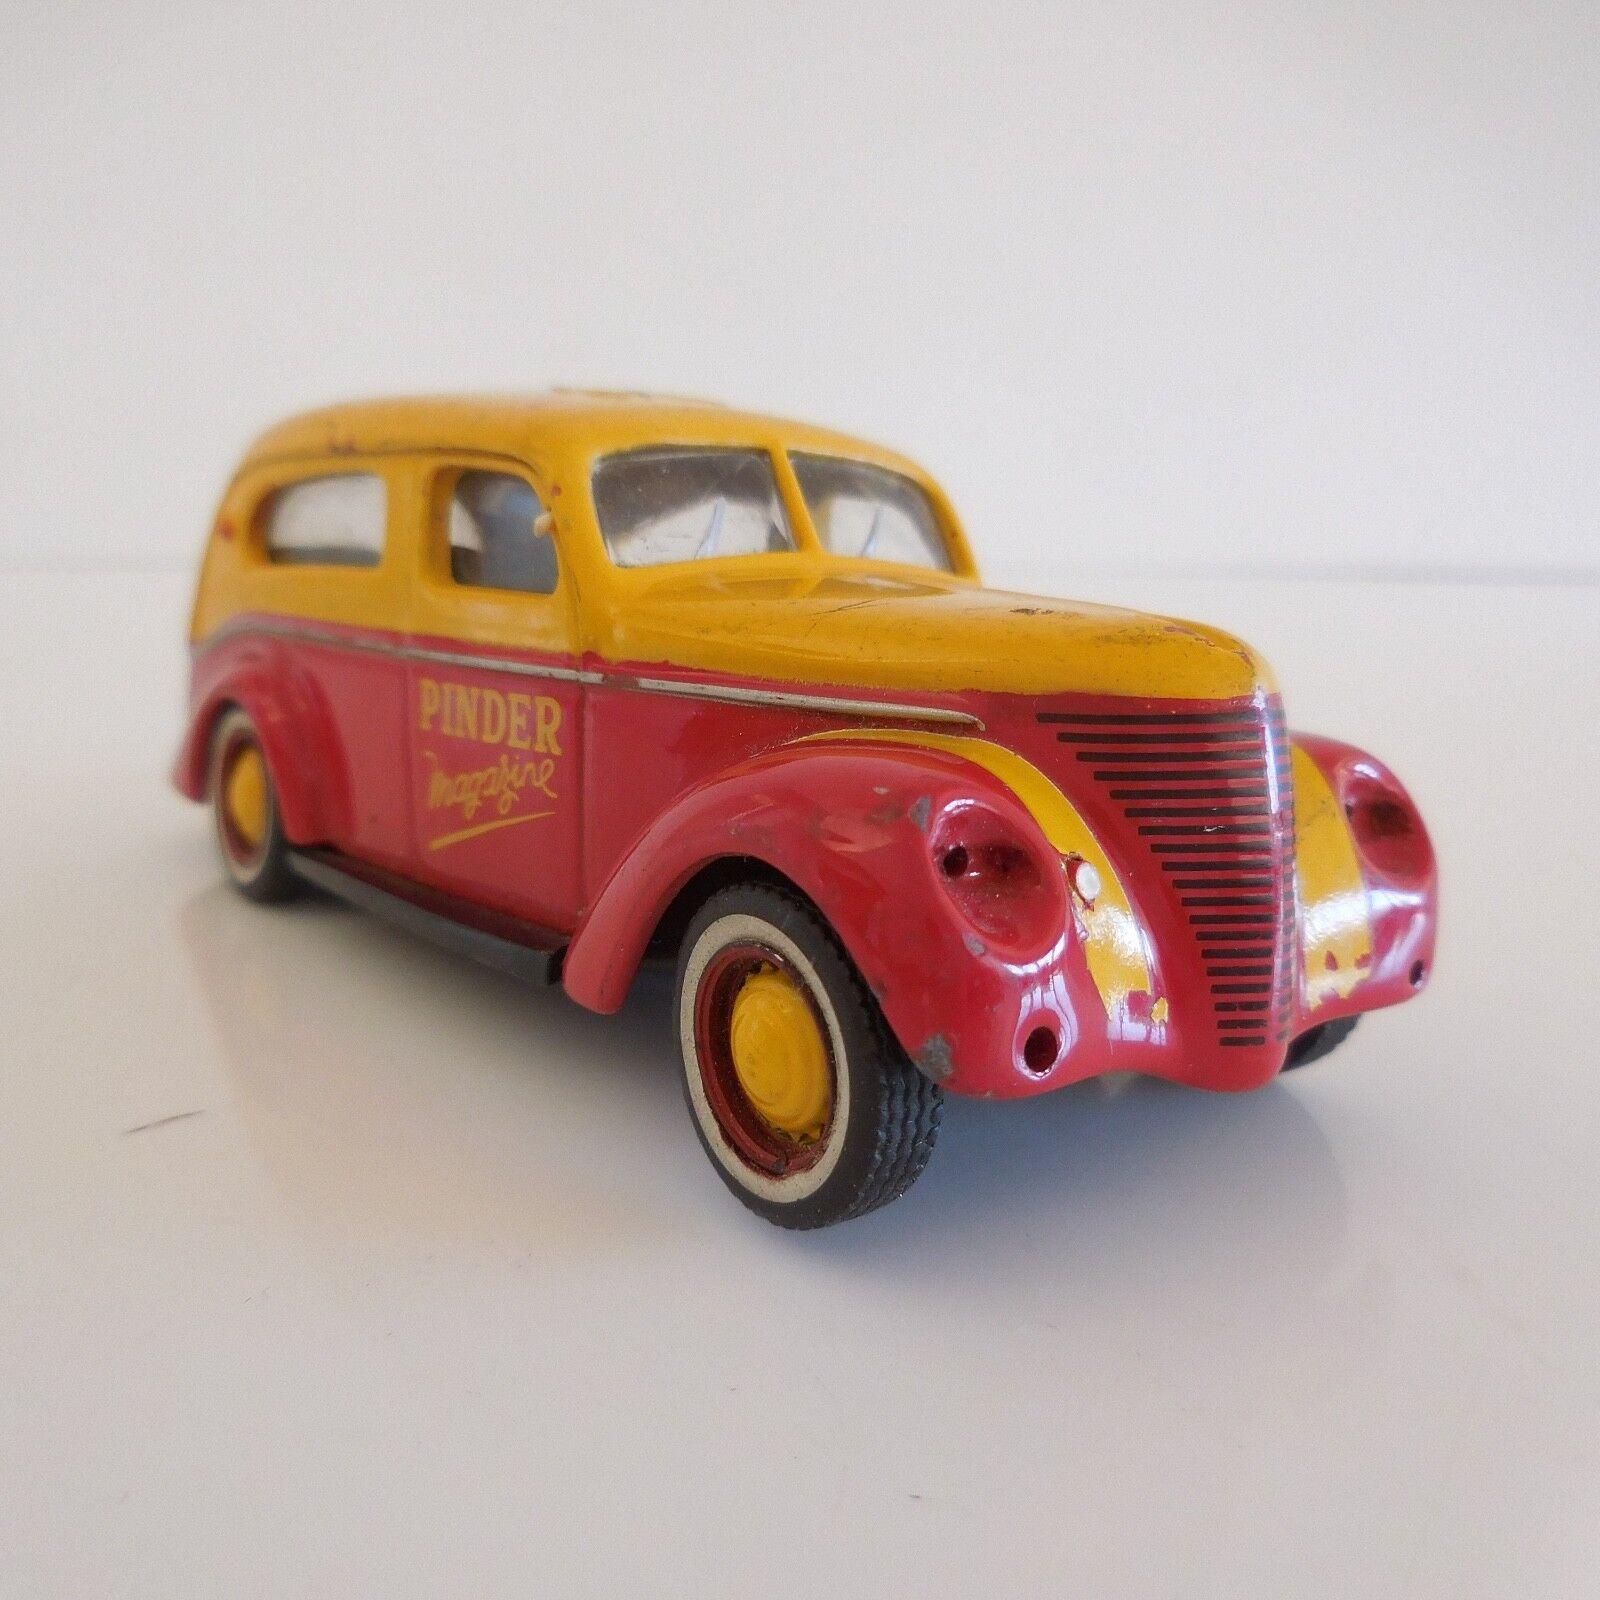 Voiture miniature PINDER MAGAZINE MATFORD V8 F vintage collection